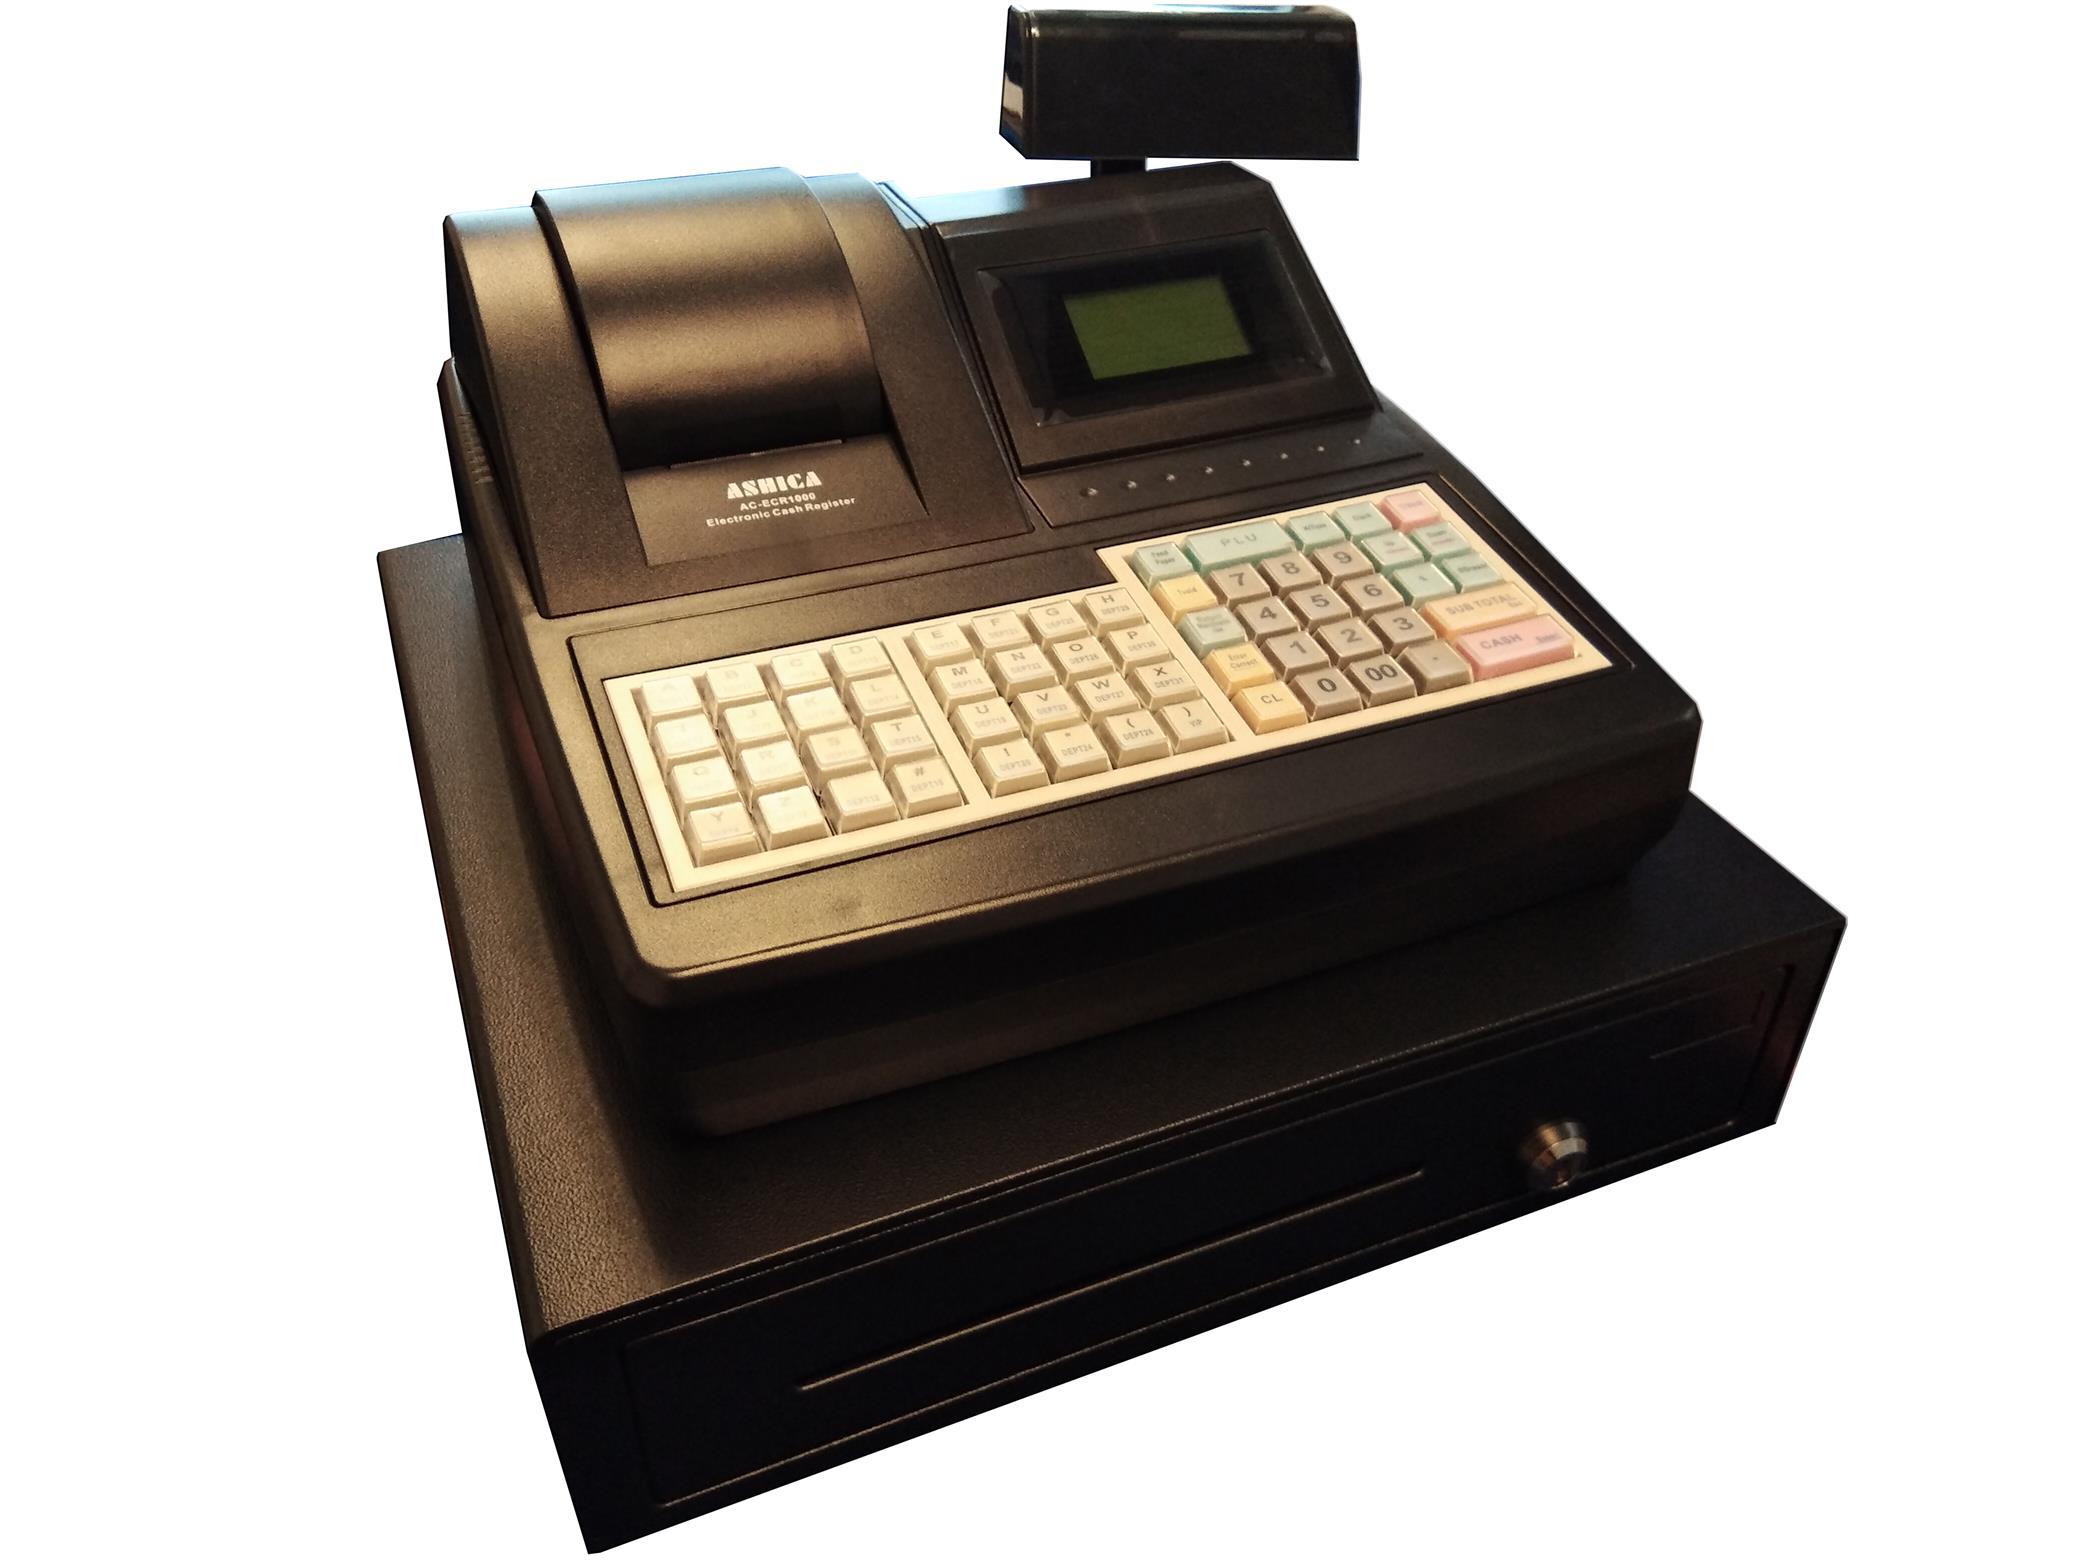 Ashica Electronic GST Cash Register (end 11/7/2019 9:15 AM)